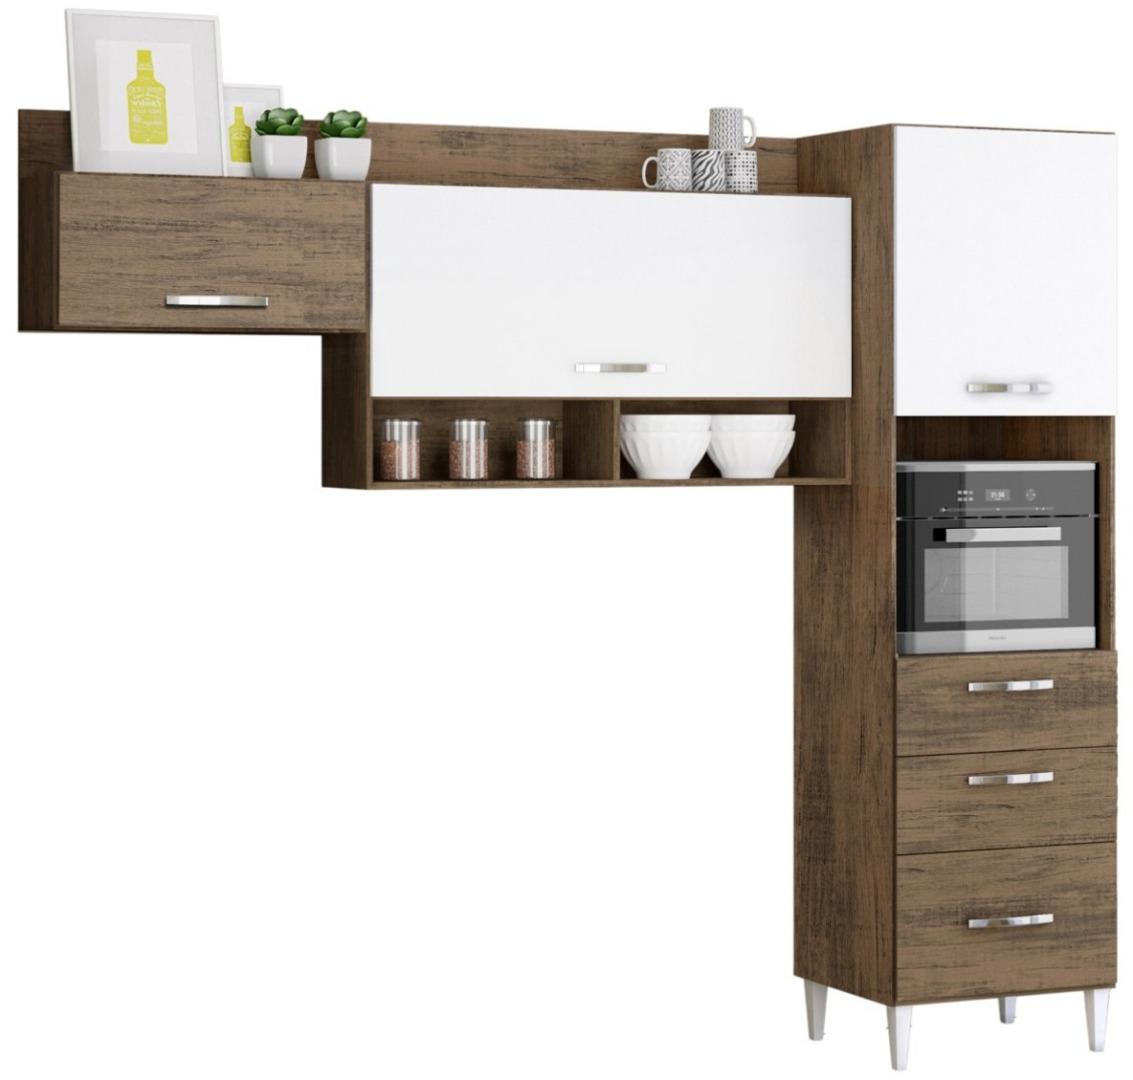 Cozinha Compacta Alice com Nicho para Forno 3 Portas 3 Gavetas - Dakota Branco - Aramóveis